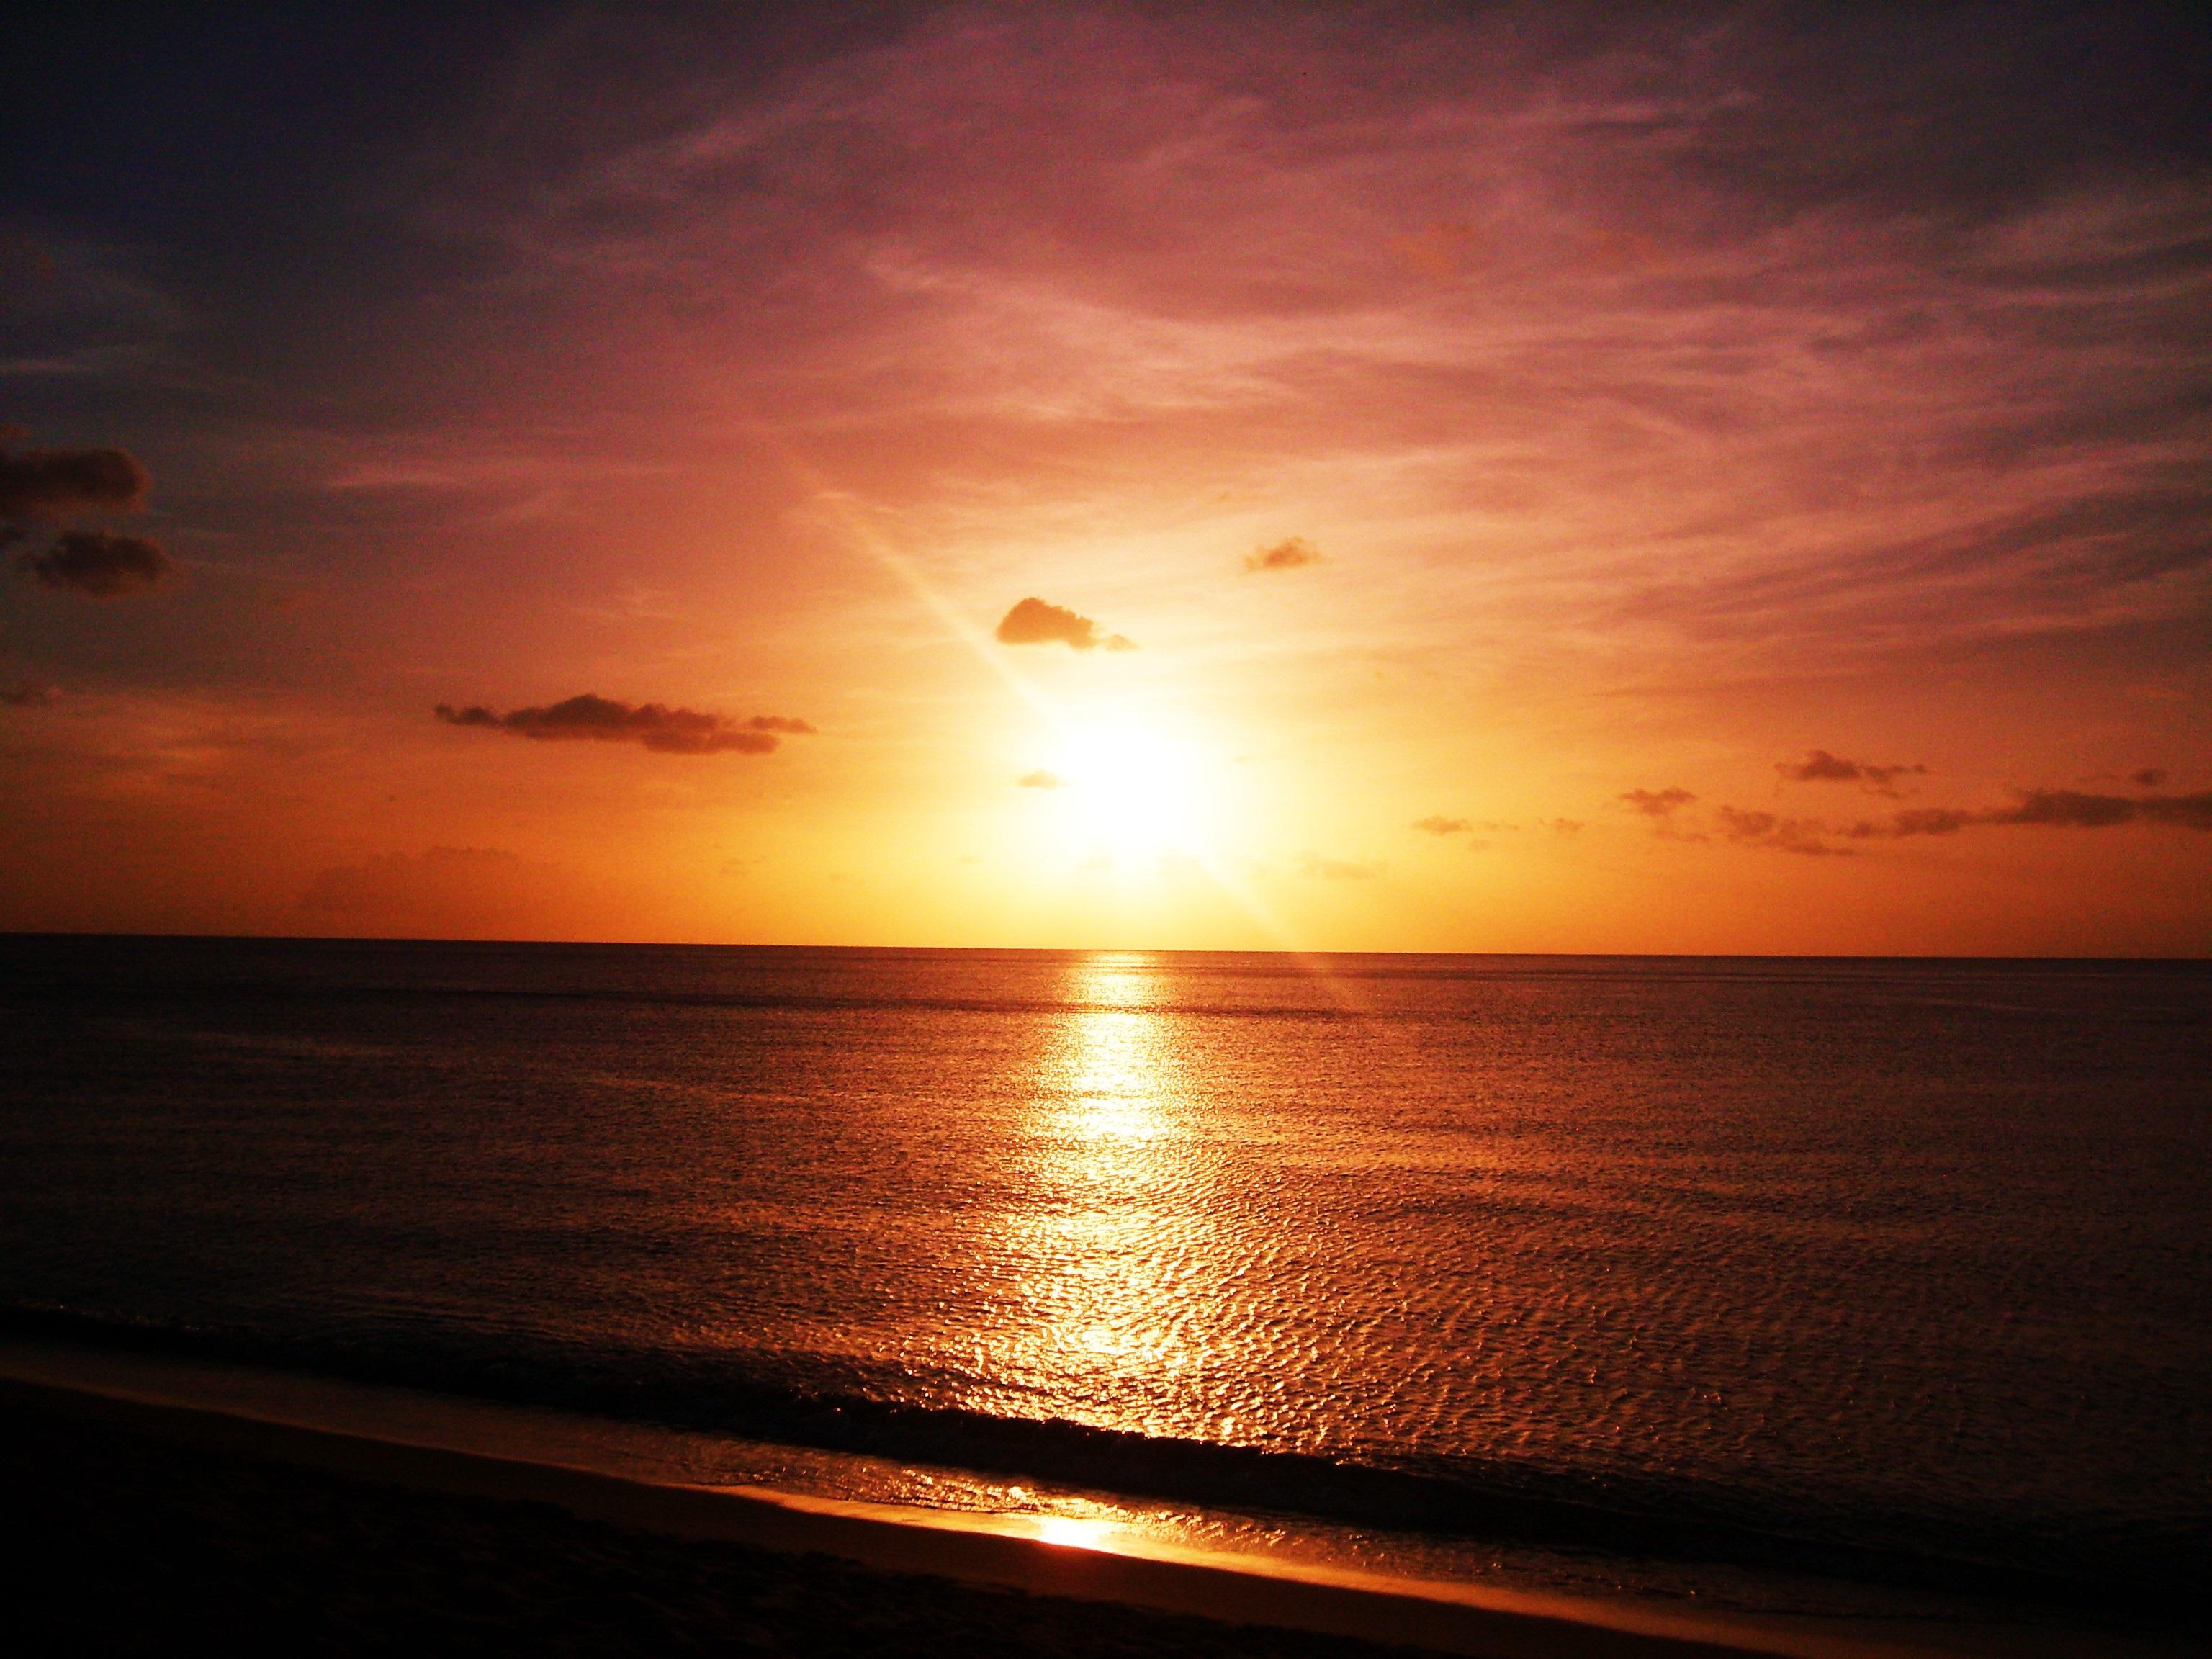 Gambar Pantai Pemandangan Lautan Horison Matahari Terbit